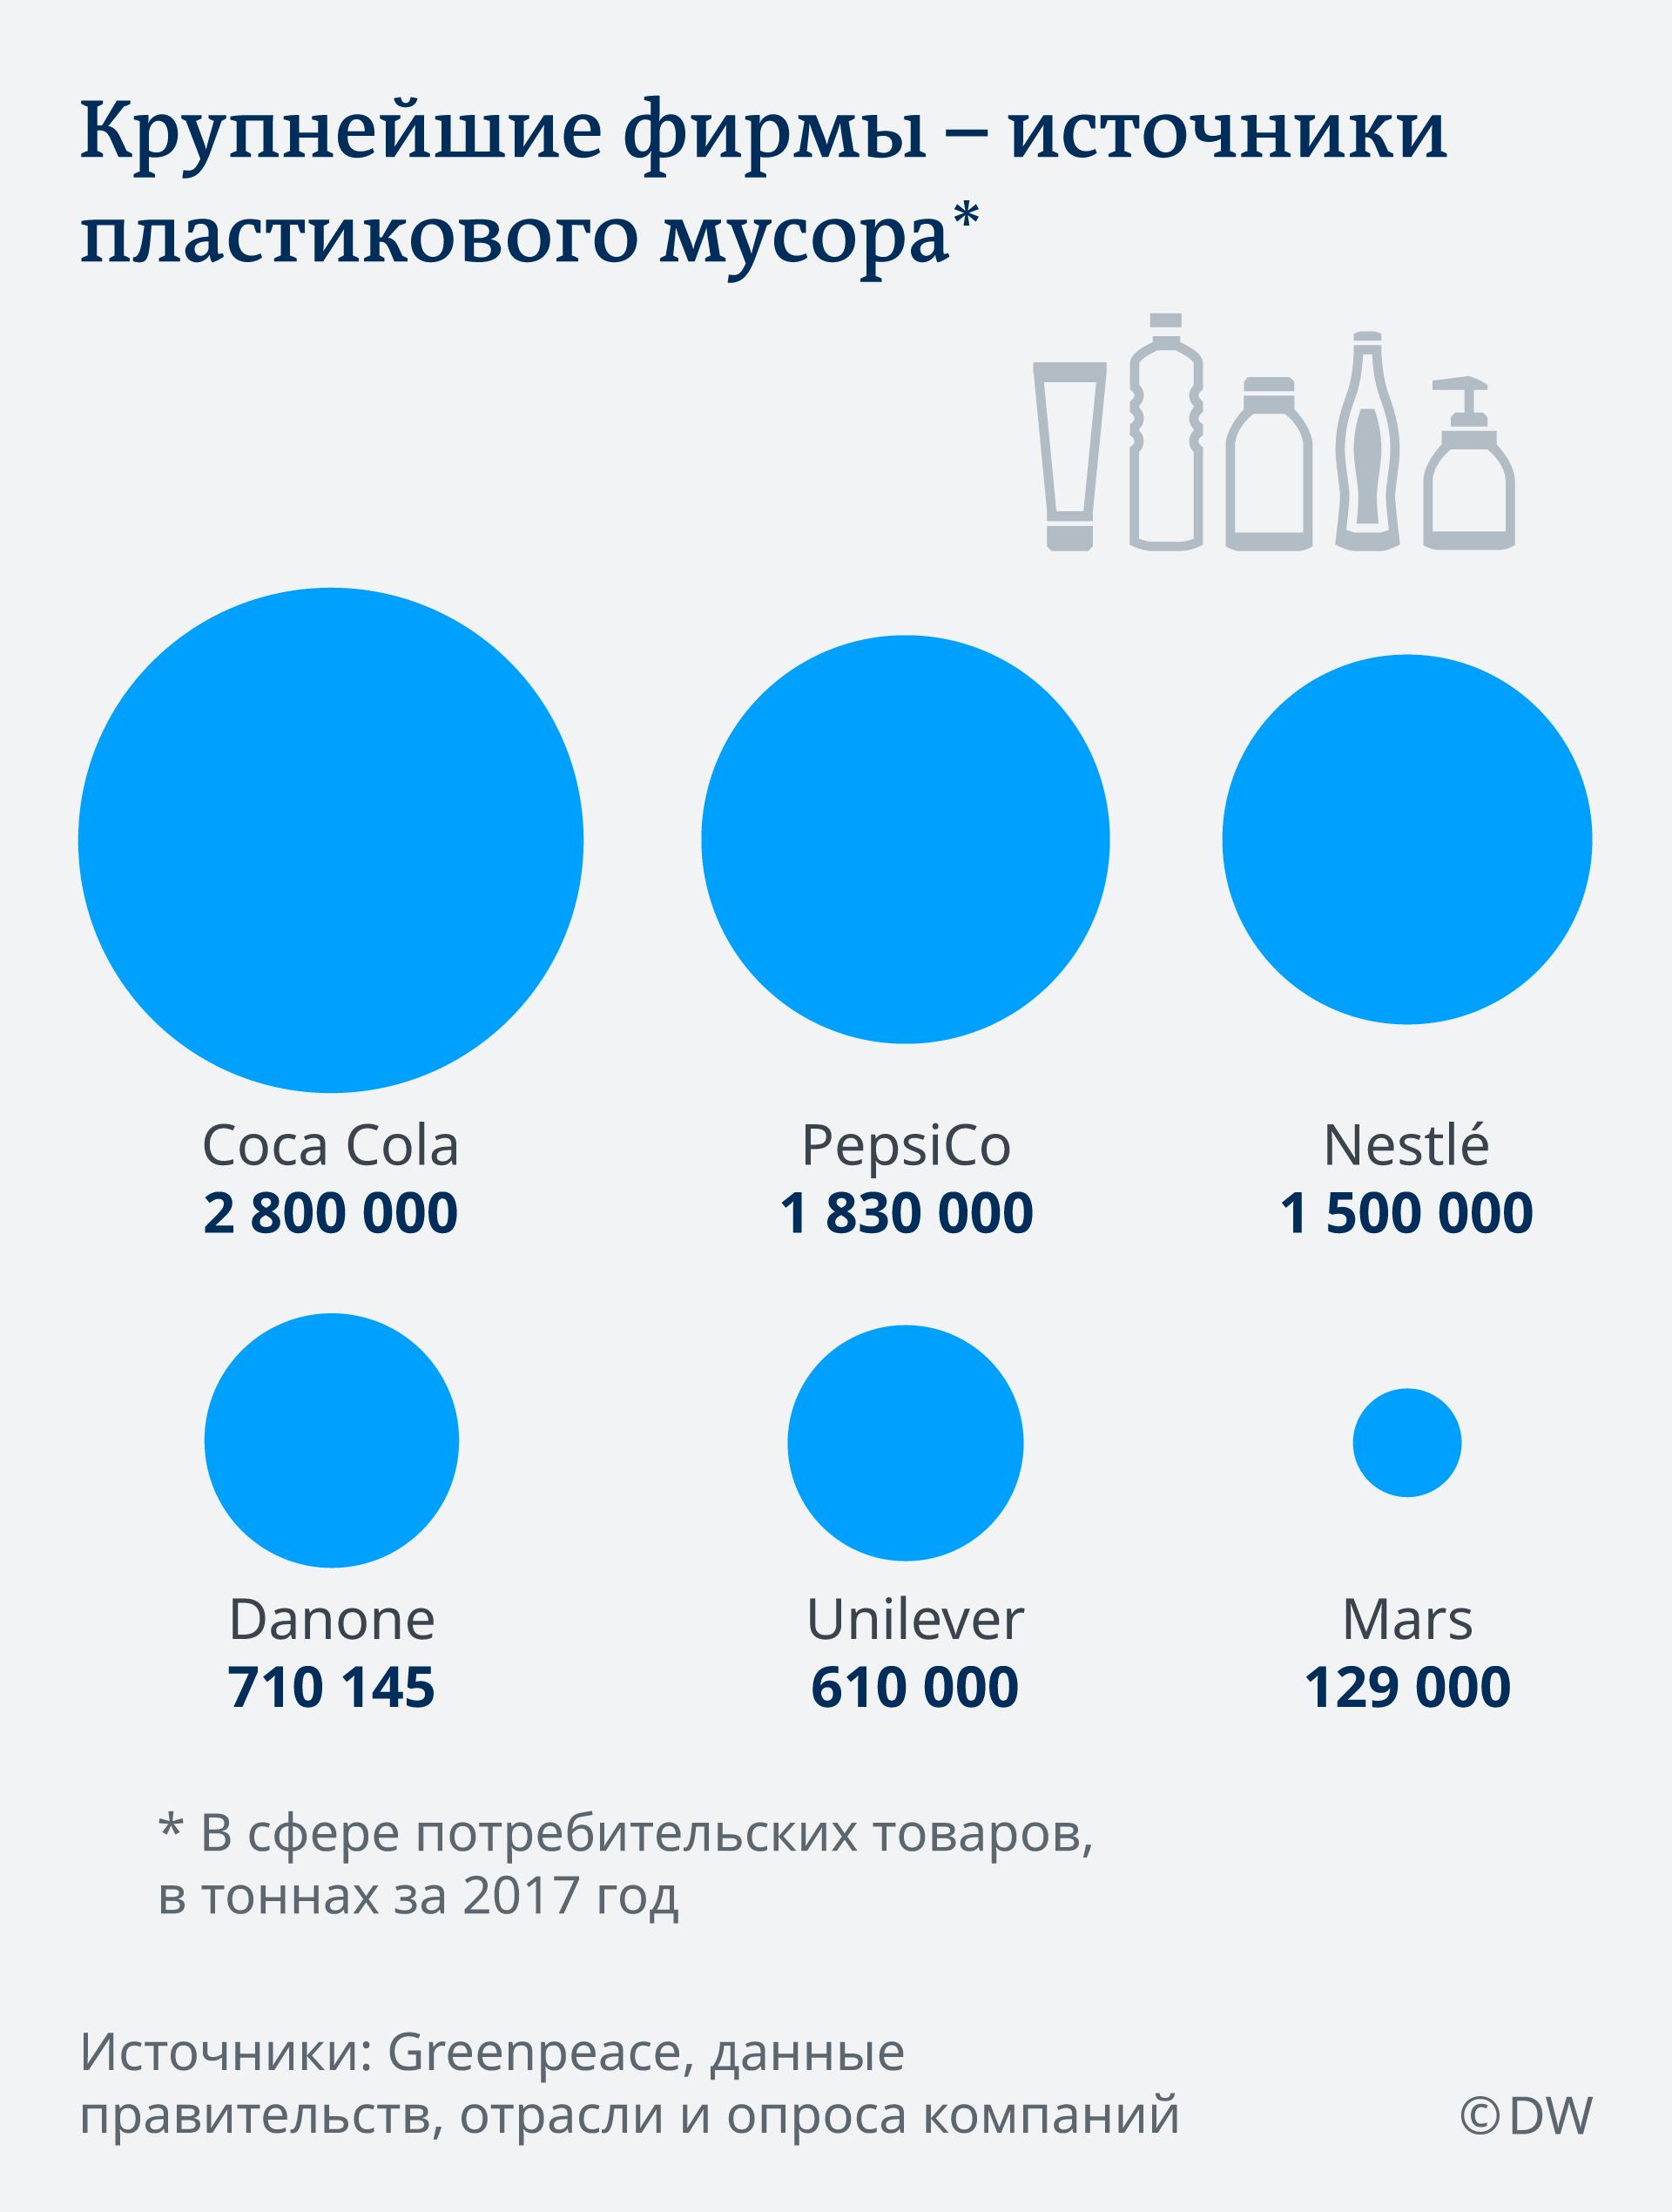 Инфографика Крупнейшие фирмы - источники пластикового мусора